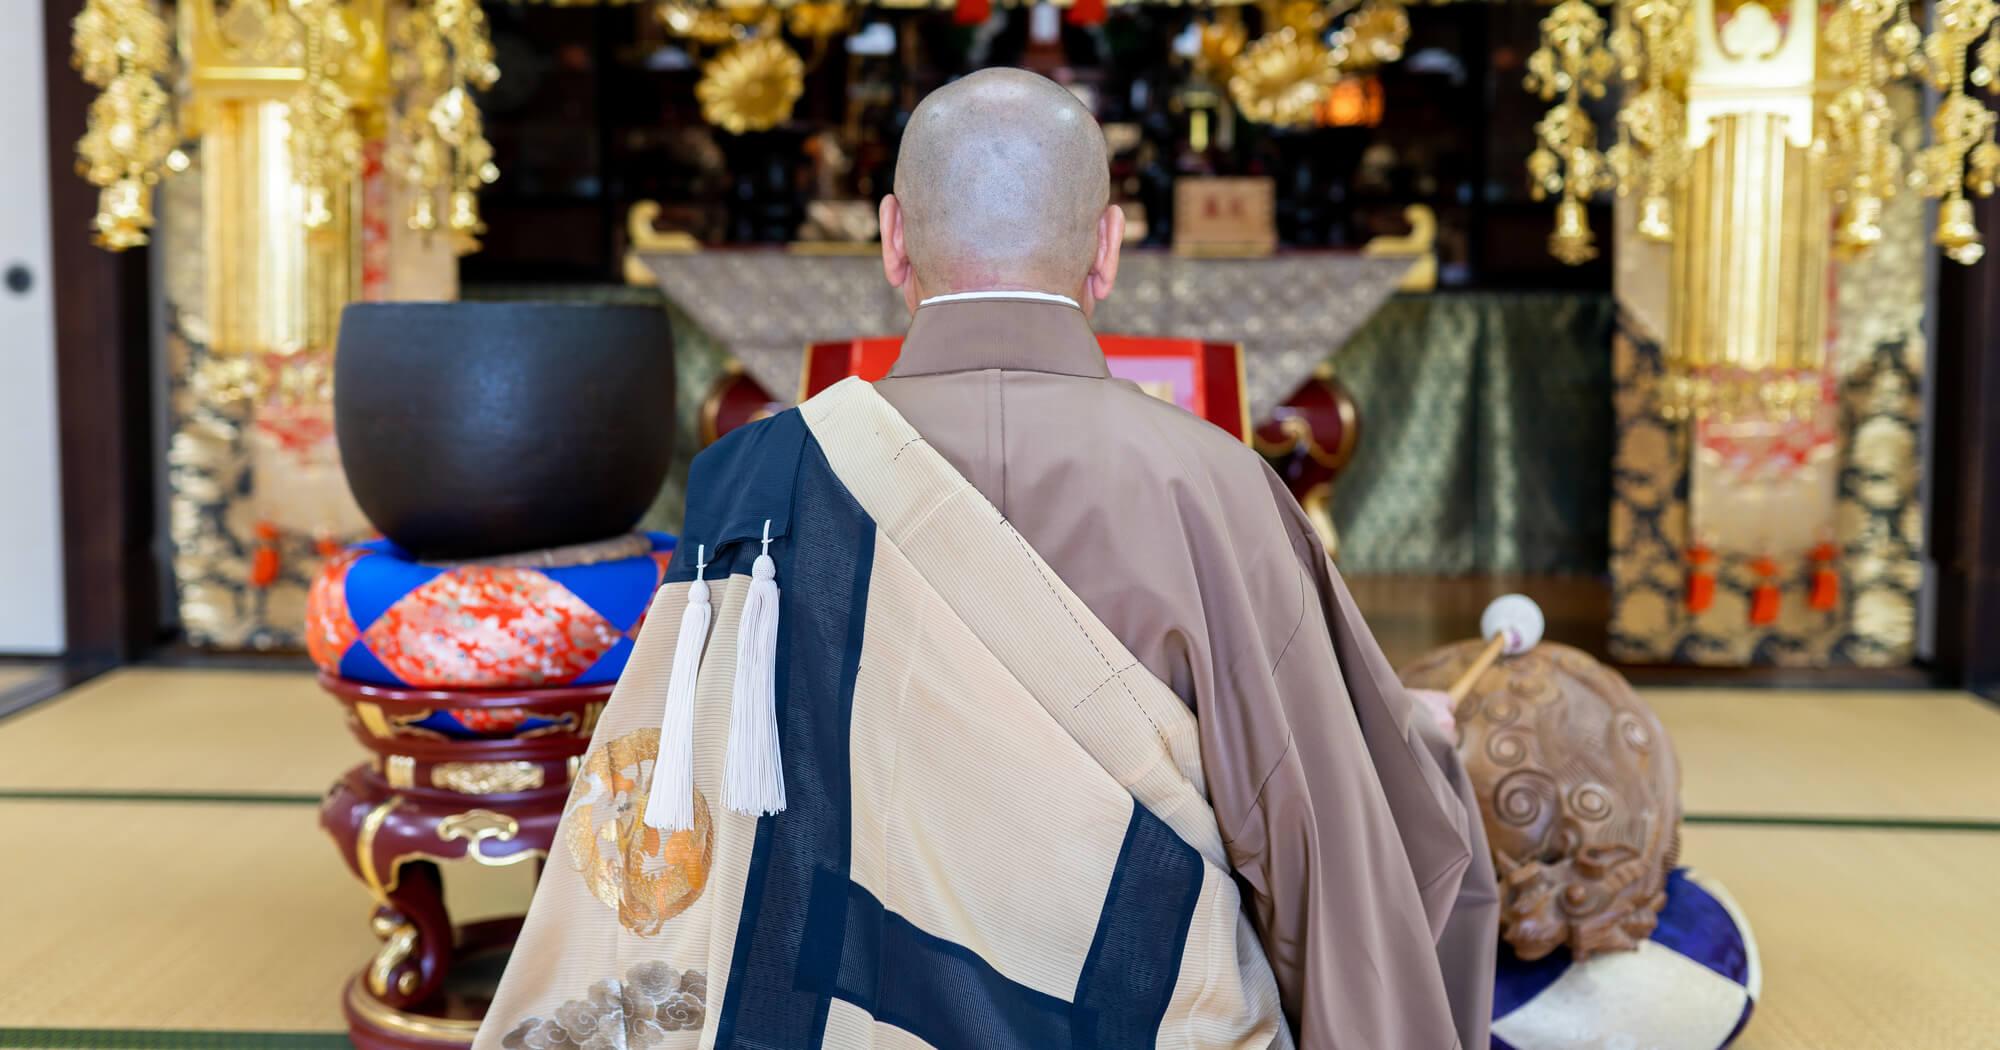 法事・法要ではお坊さんなどの僧侶が読経を行う